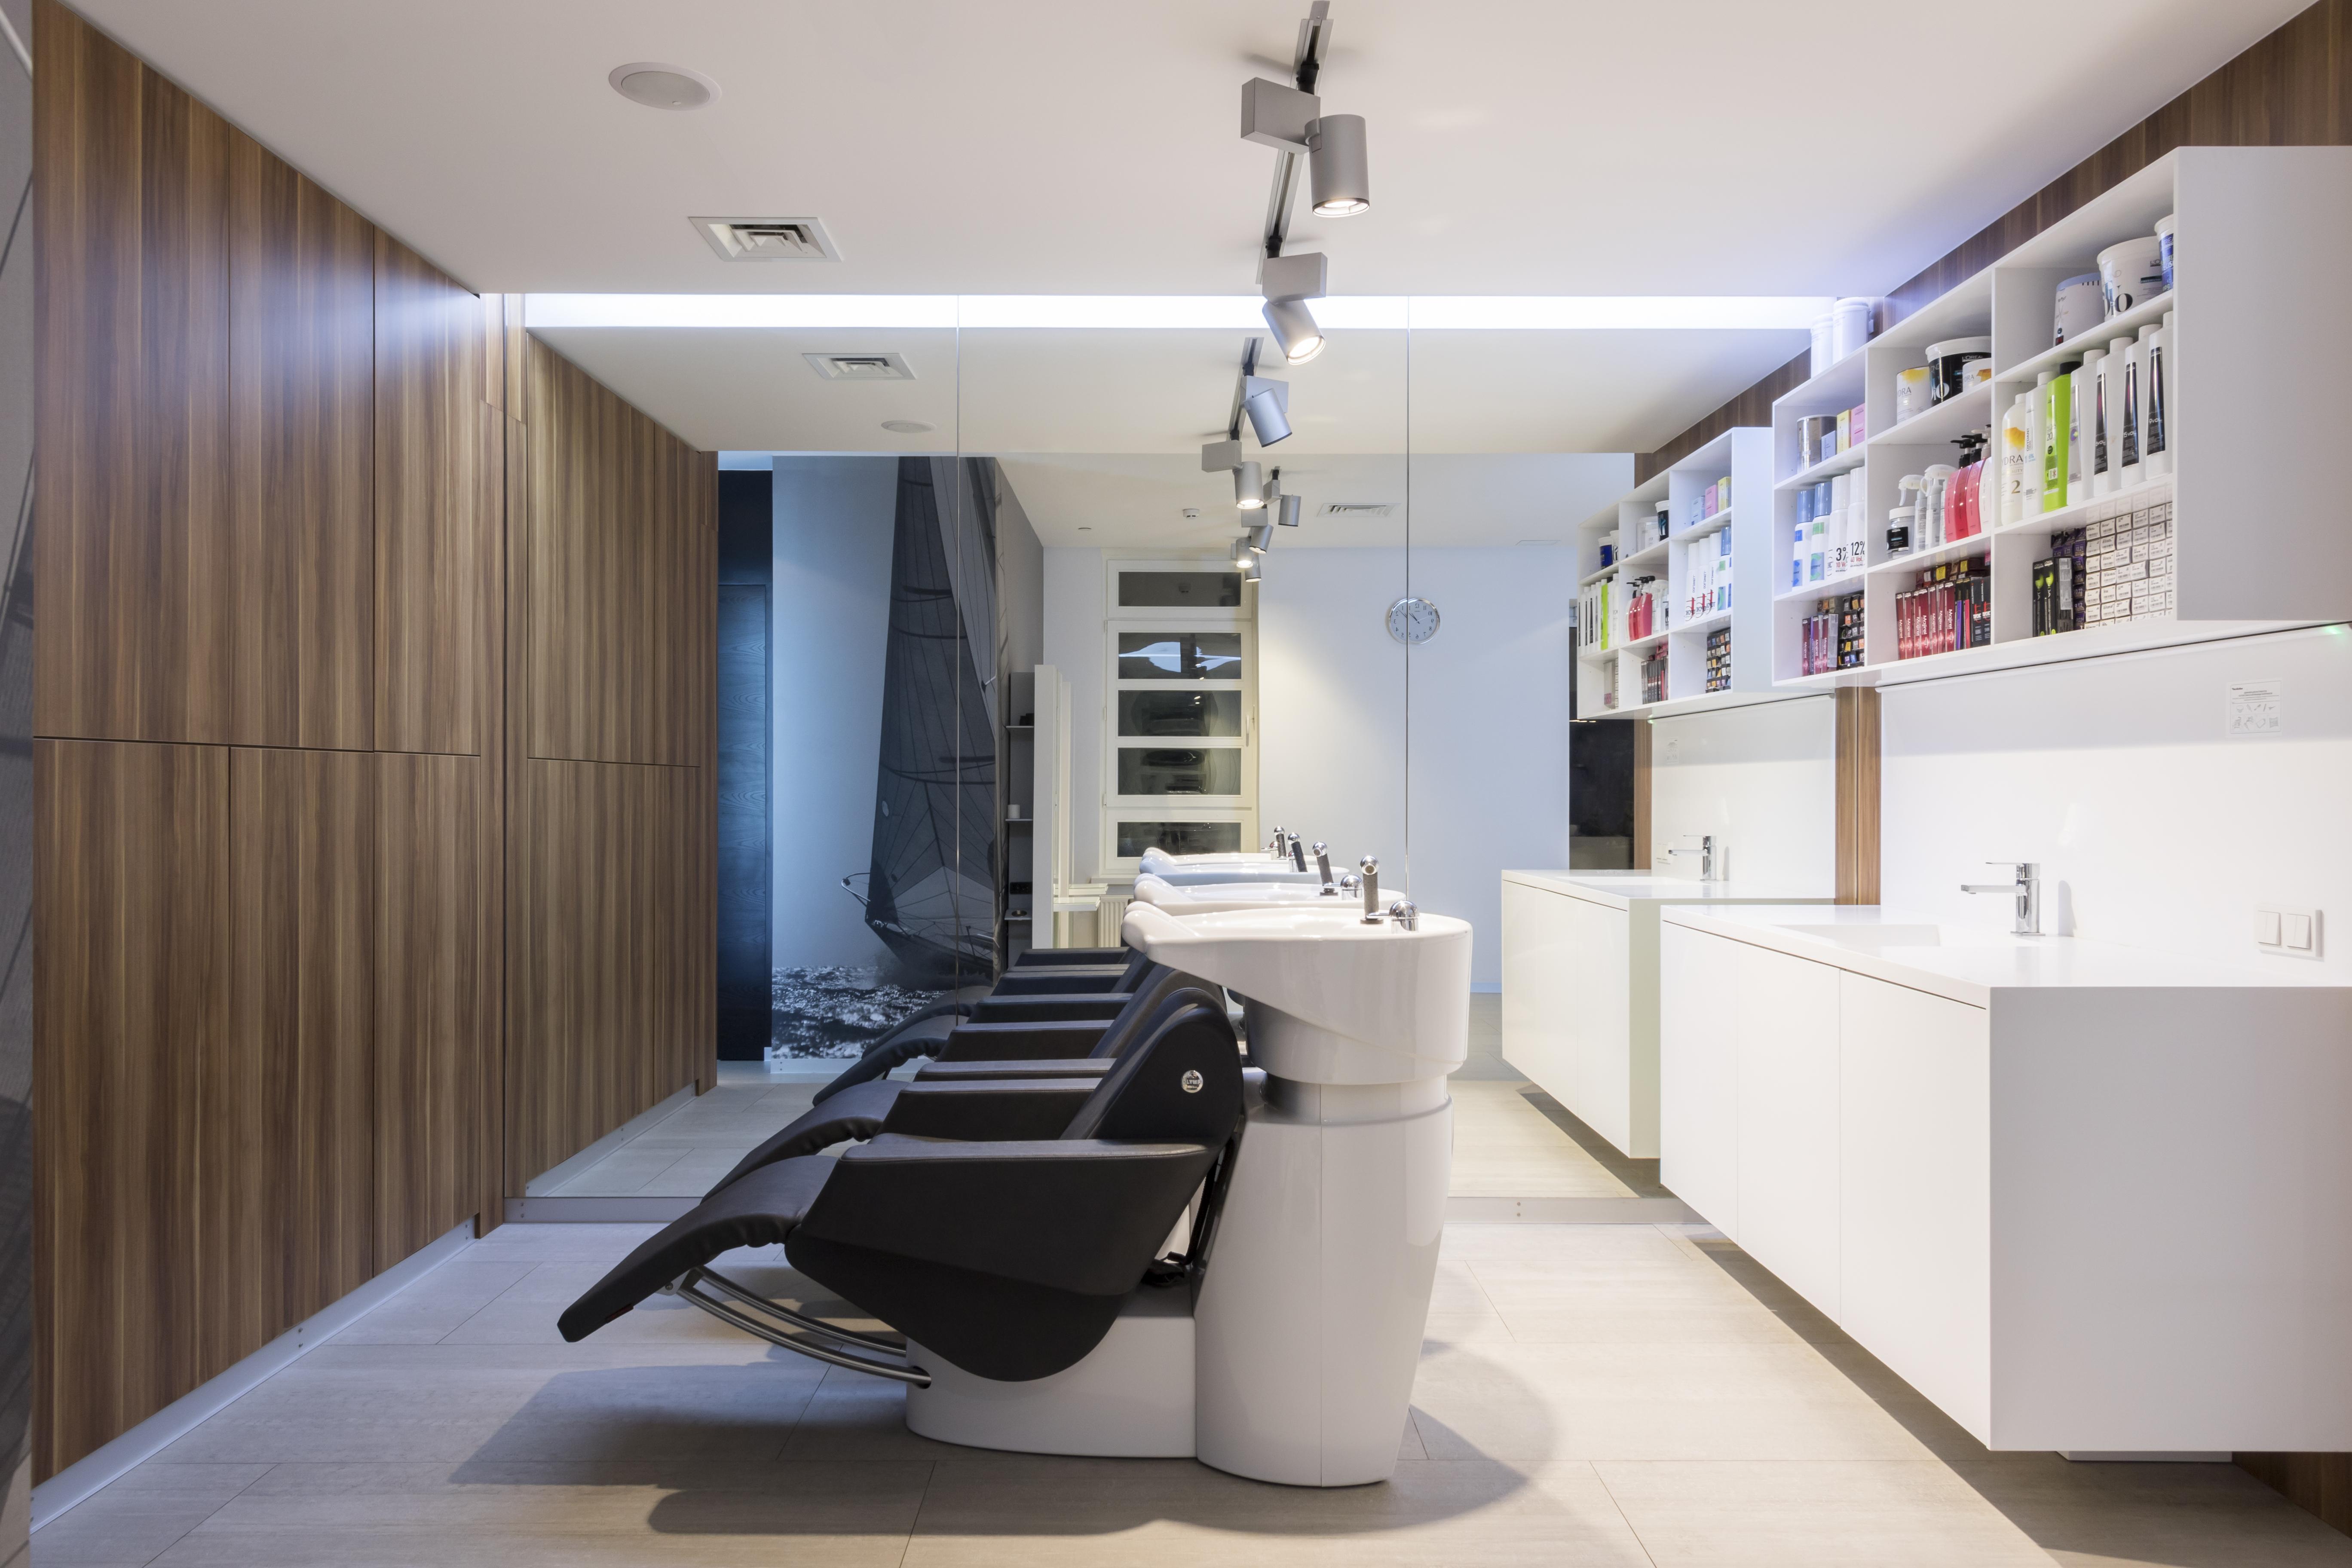 Зона моек и лаборатории, где готовятся компоненты для волос клиентов — окрашивания, лечения, завивки и других процедур.